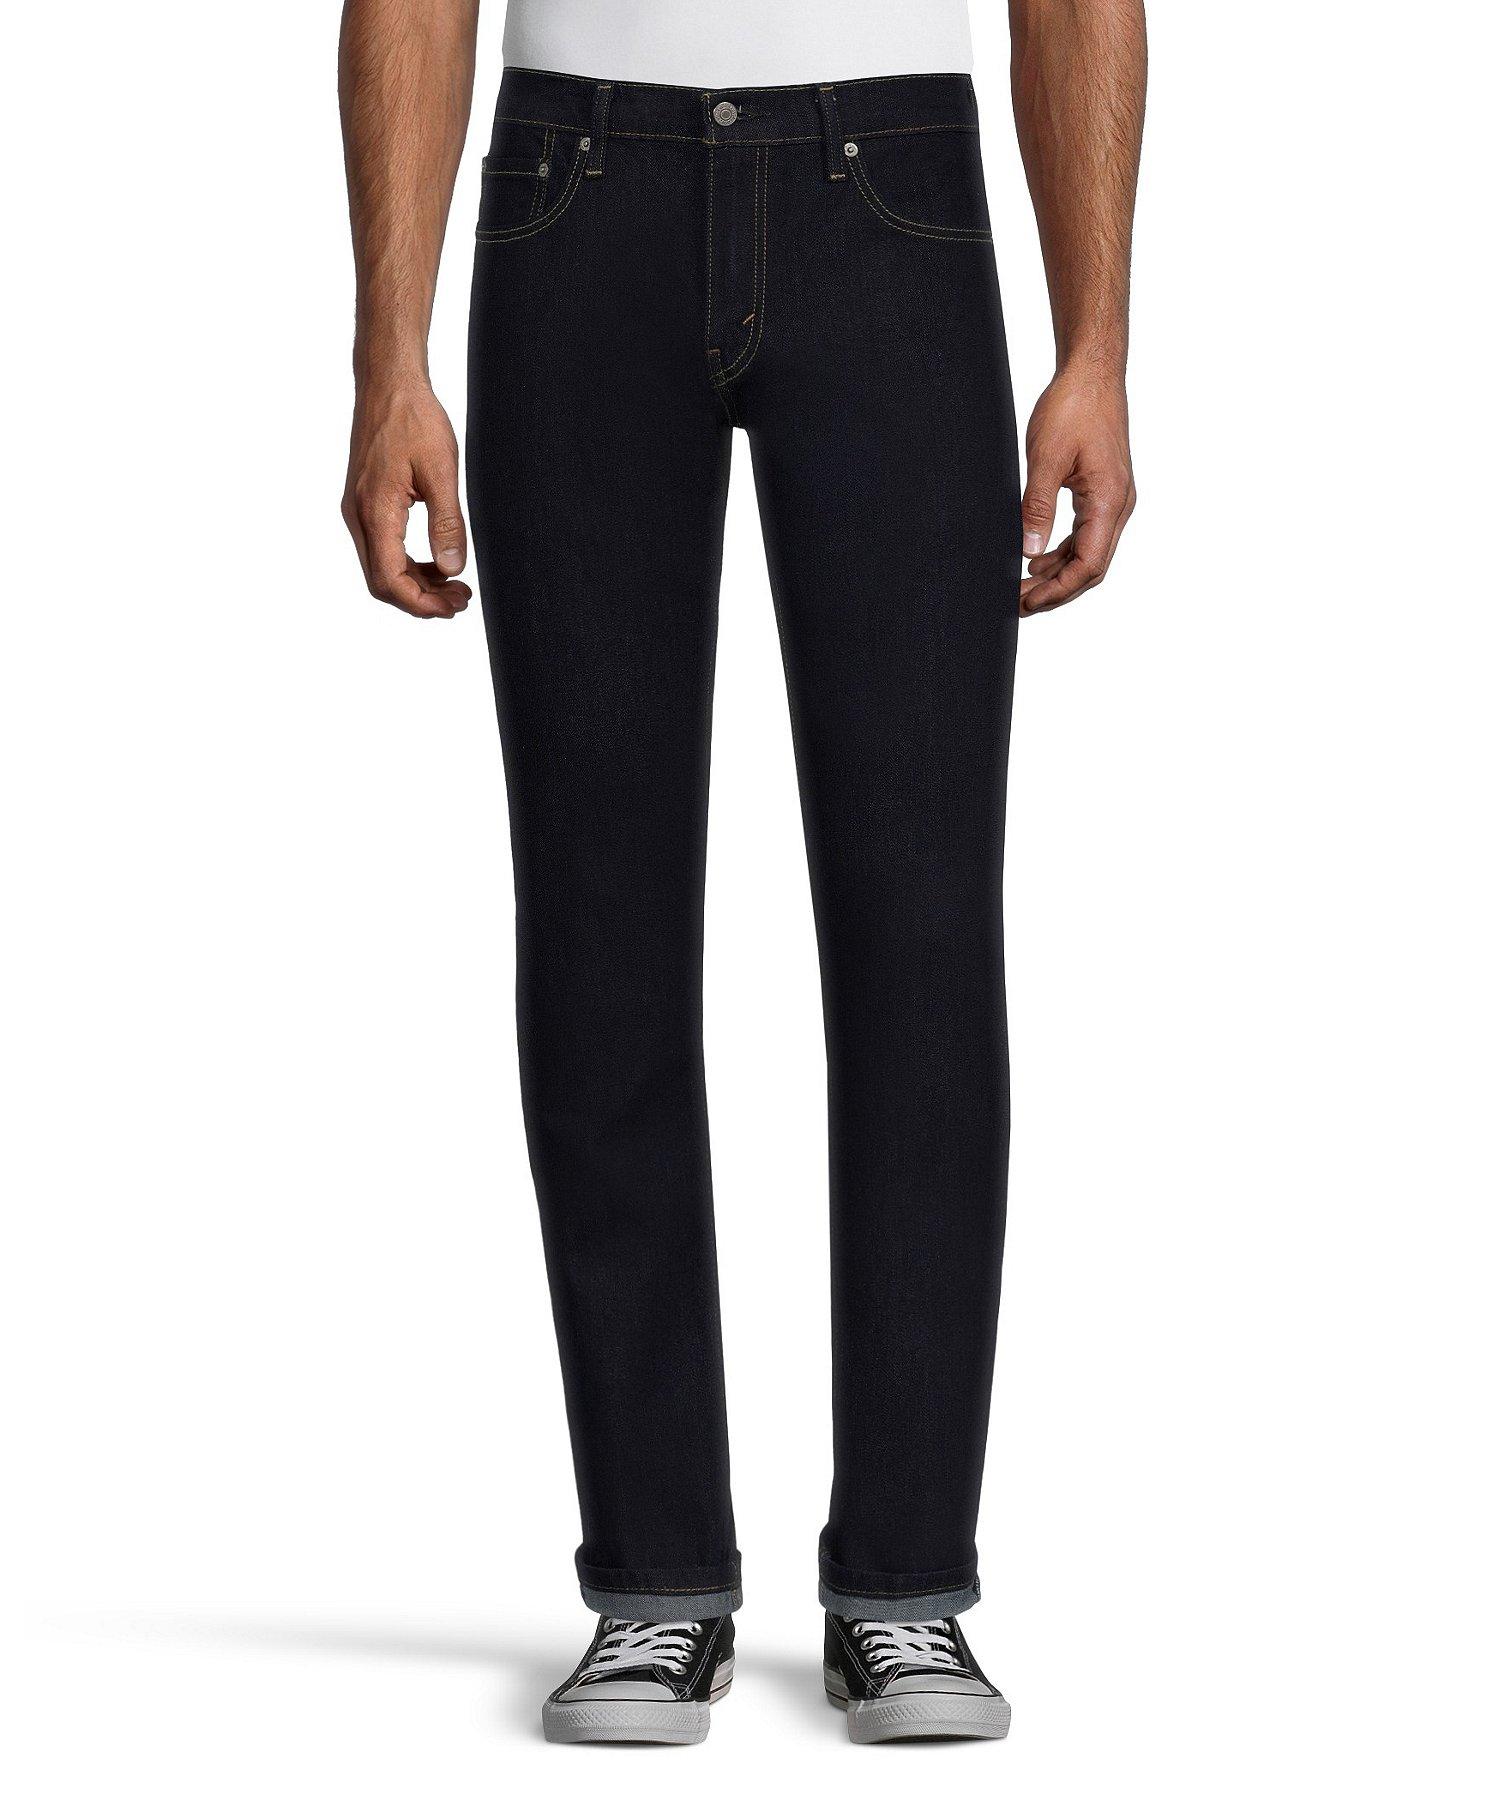 190fe5a9 Men's 511 Slim Fit Jeans